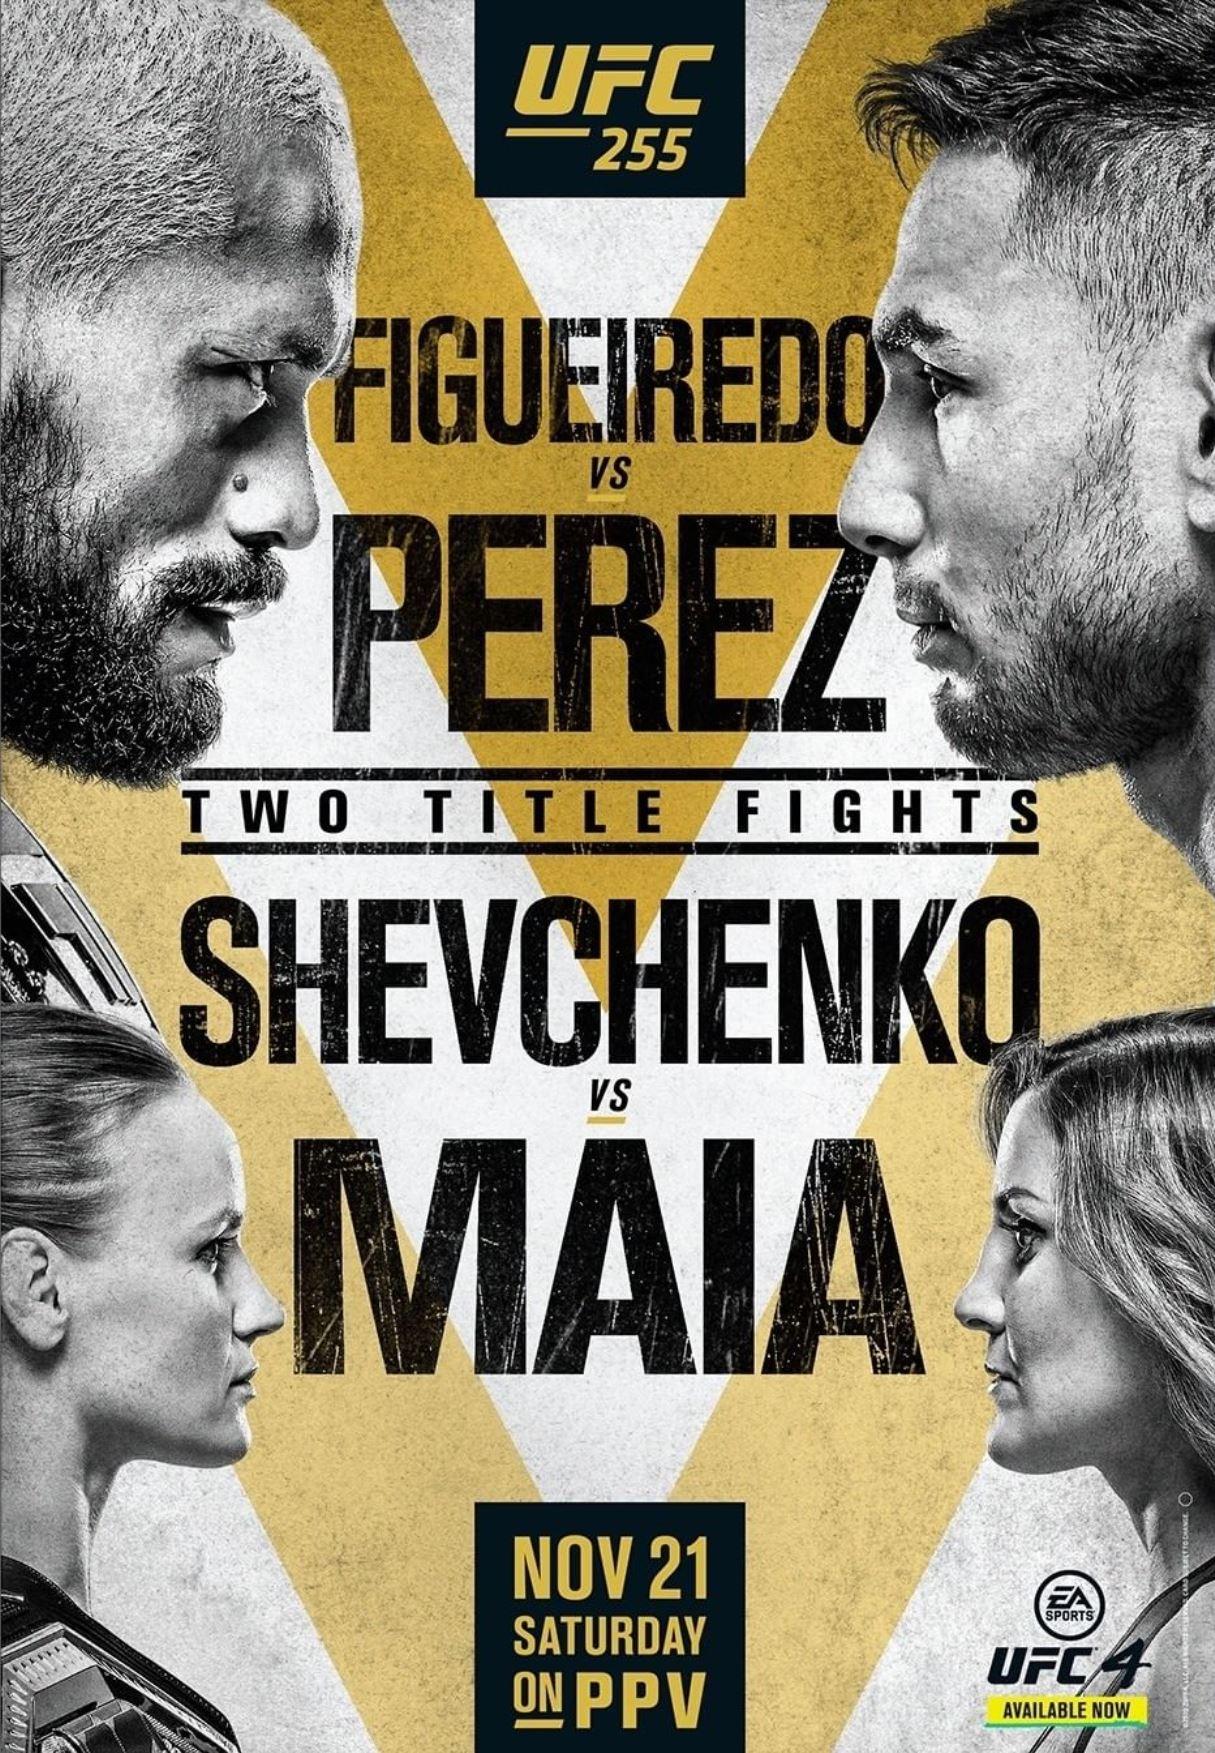 Figueiredo vs. Perez fight facts